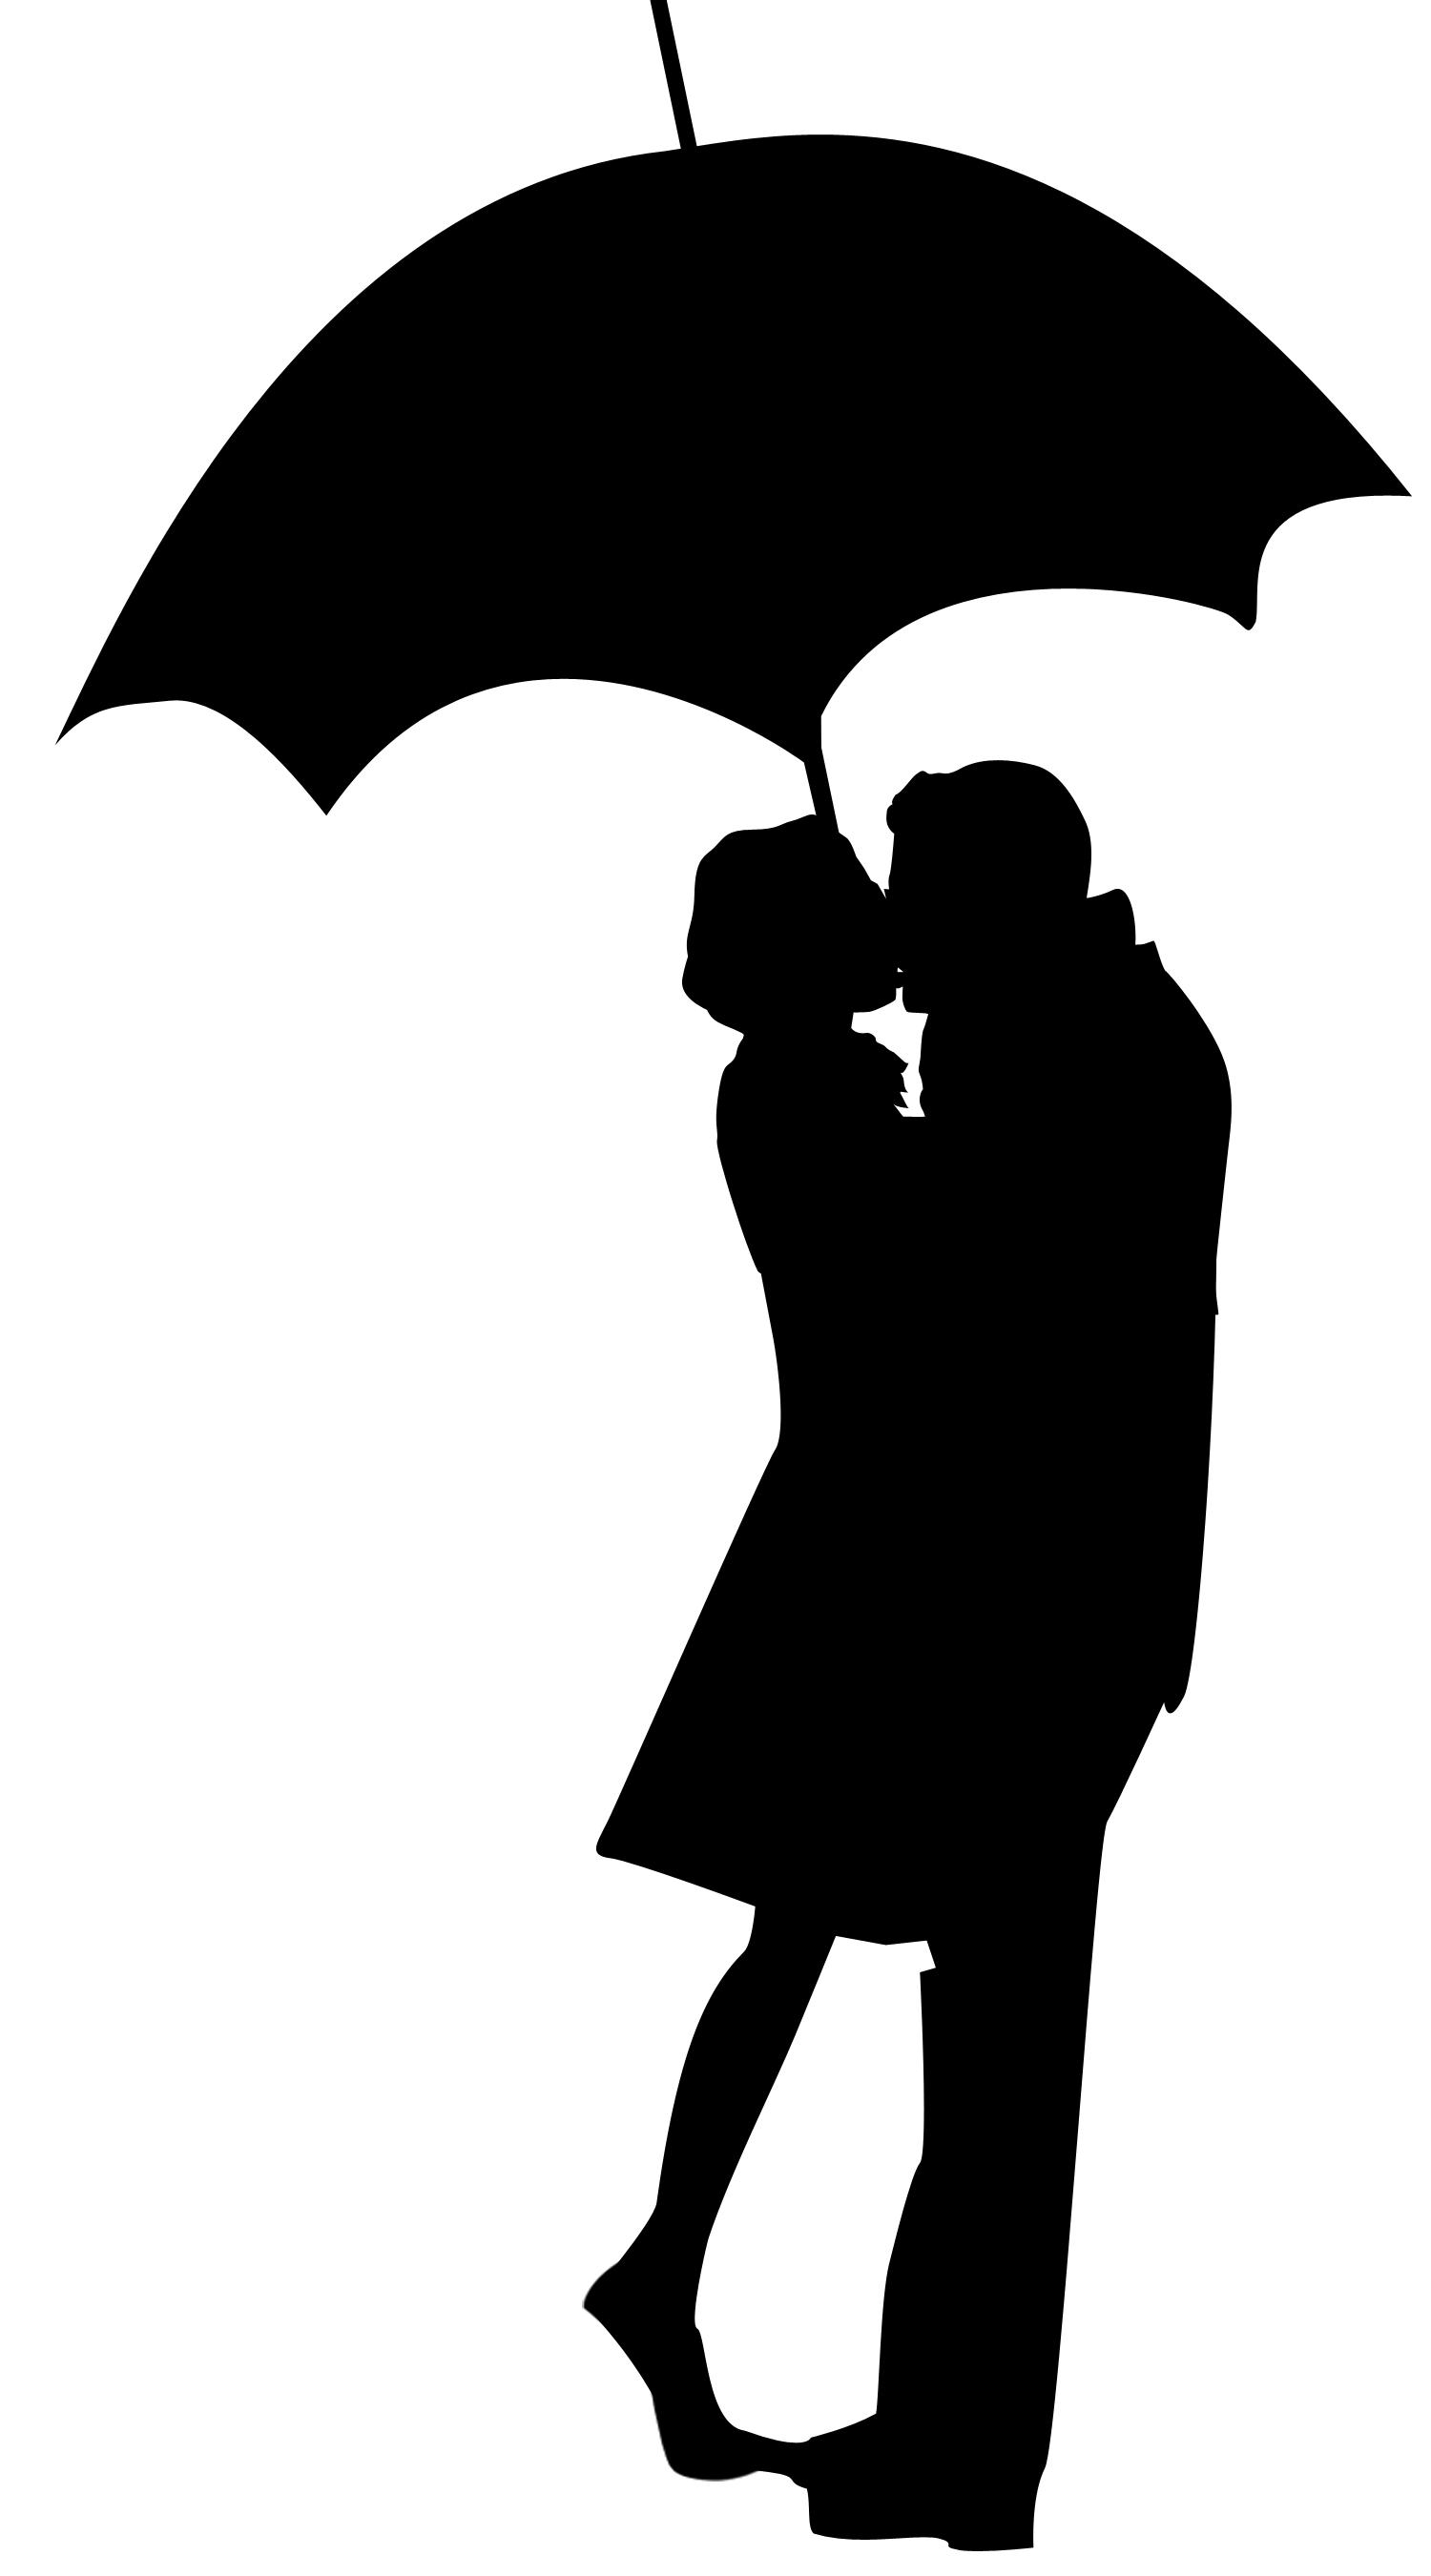 silhouette couple umbrella - Google Search | Arts  for Couple Silhouette Umbrella Kissing  66plt